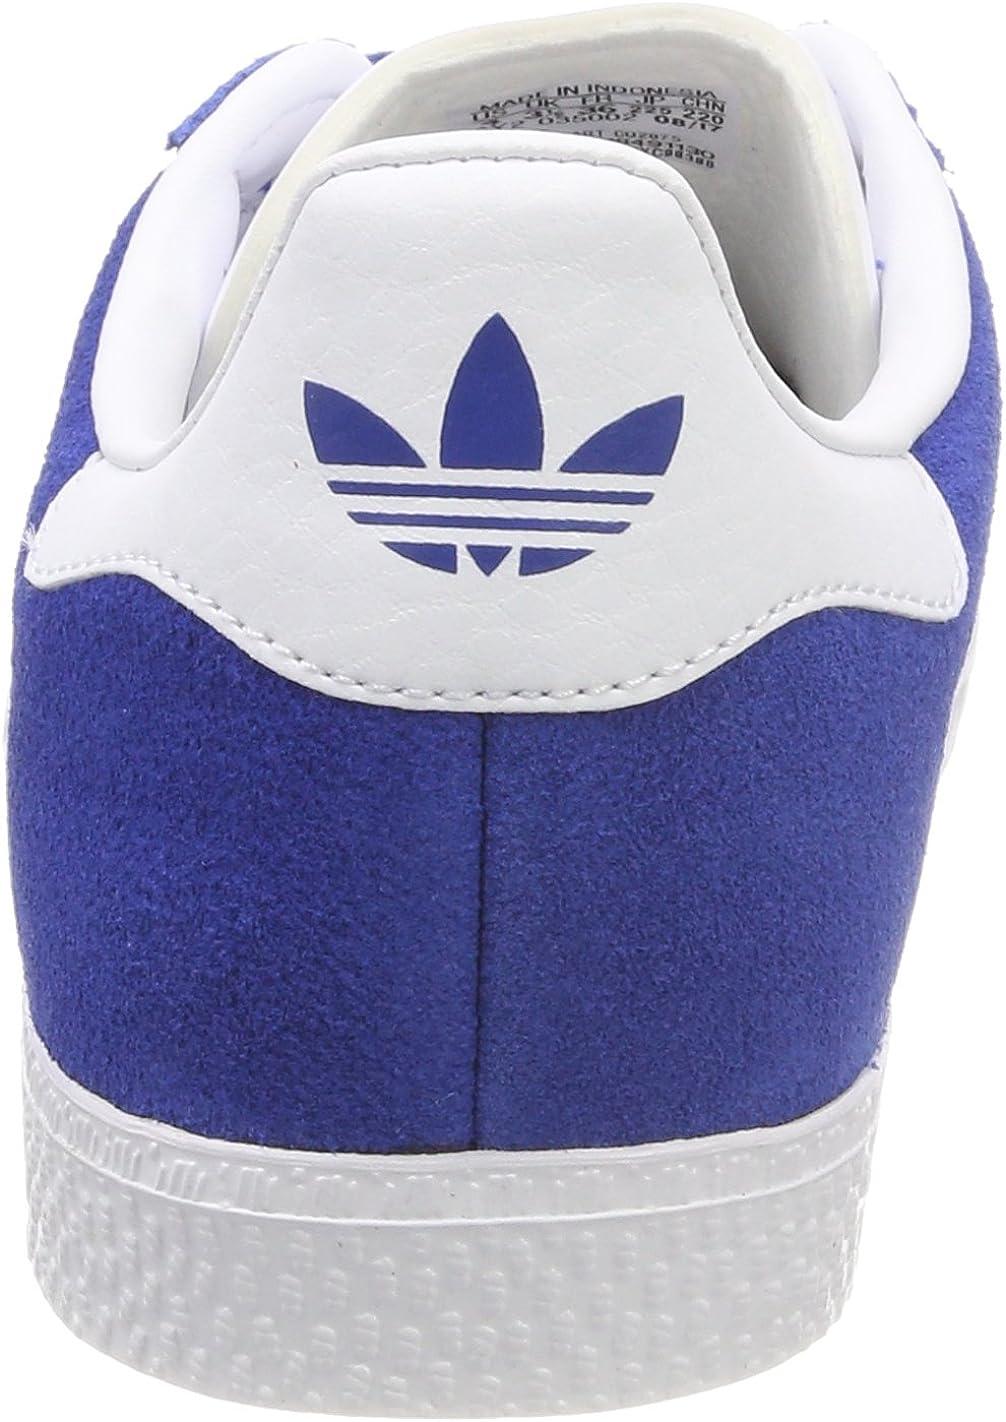 adidas gazelle bleu reauni ftwbla